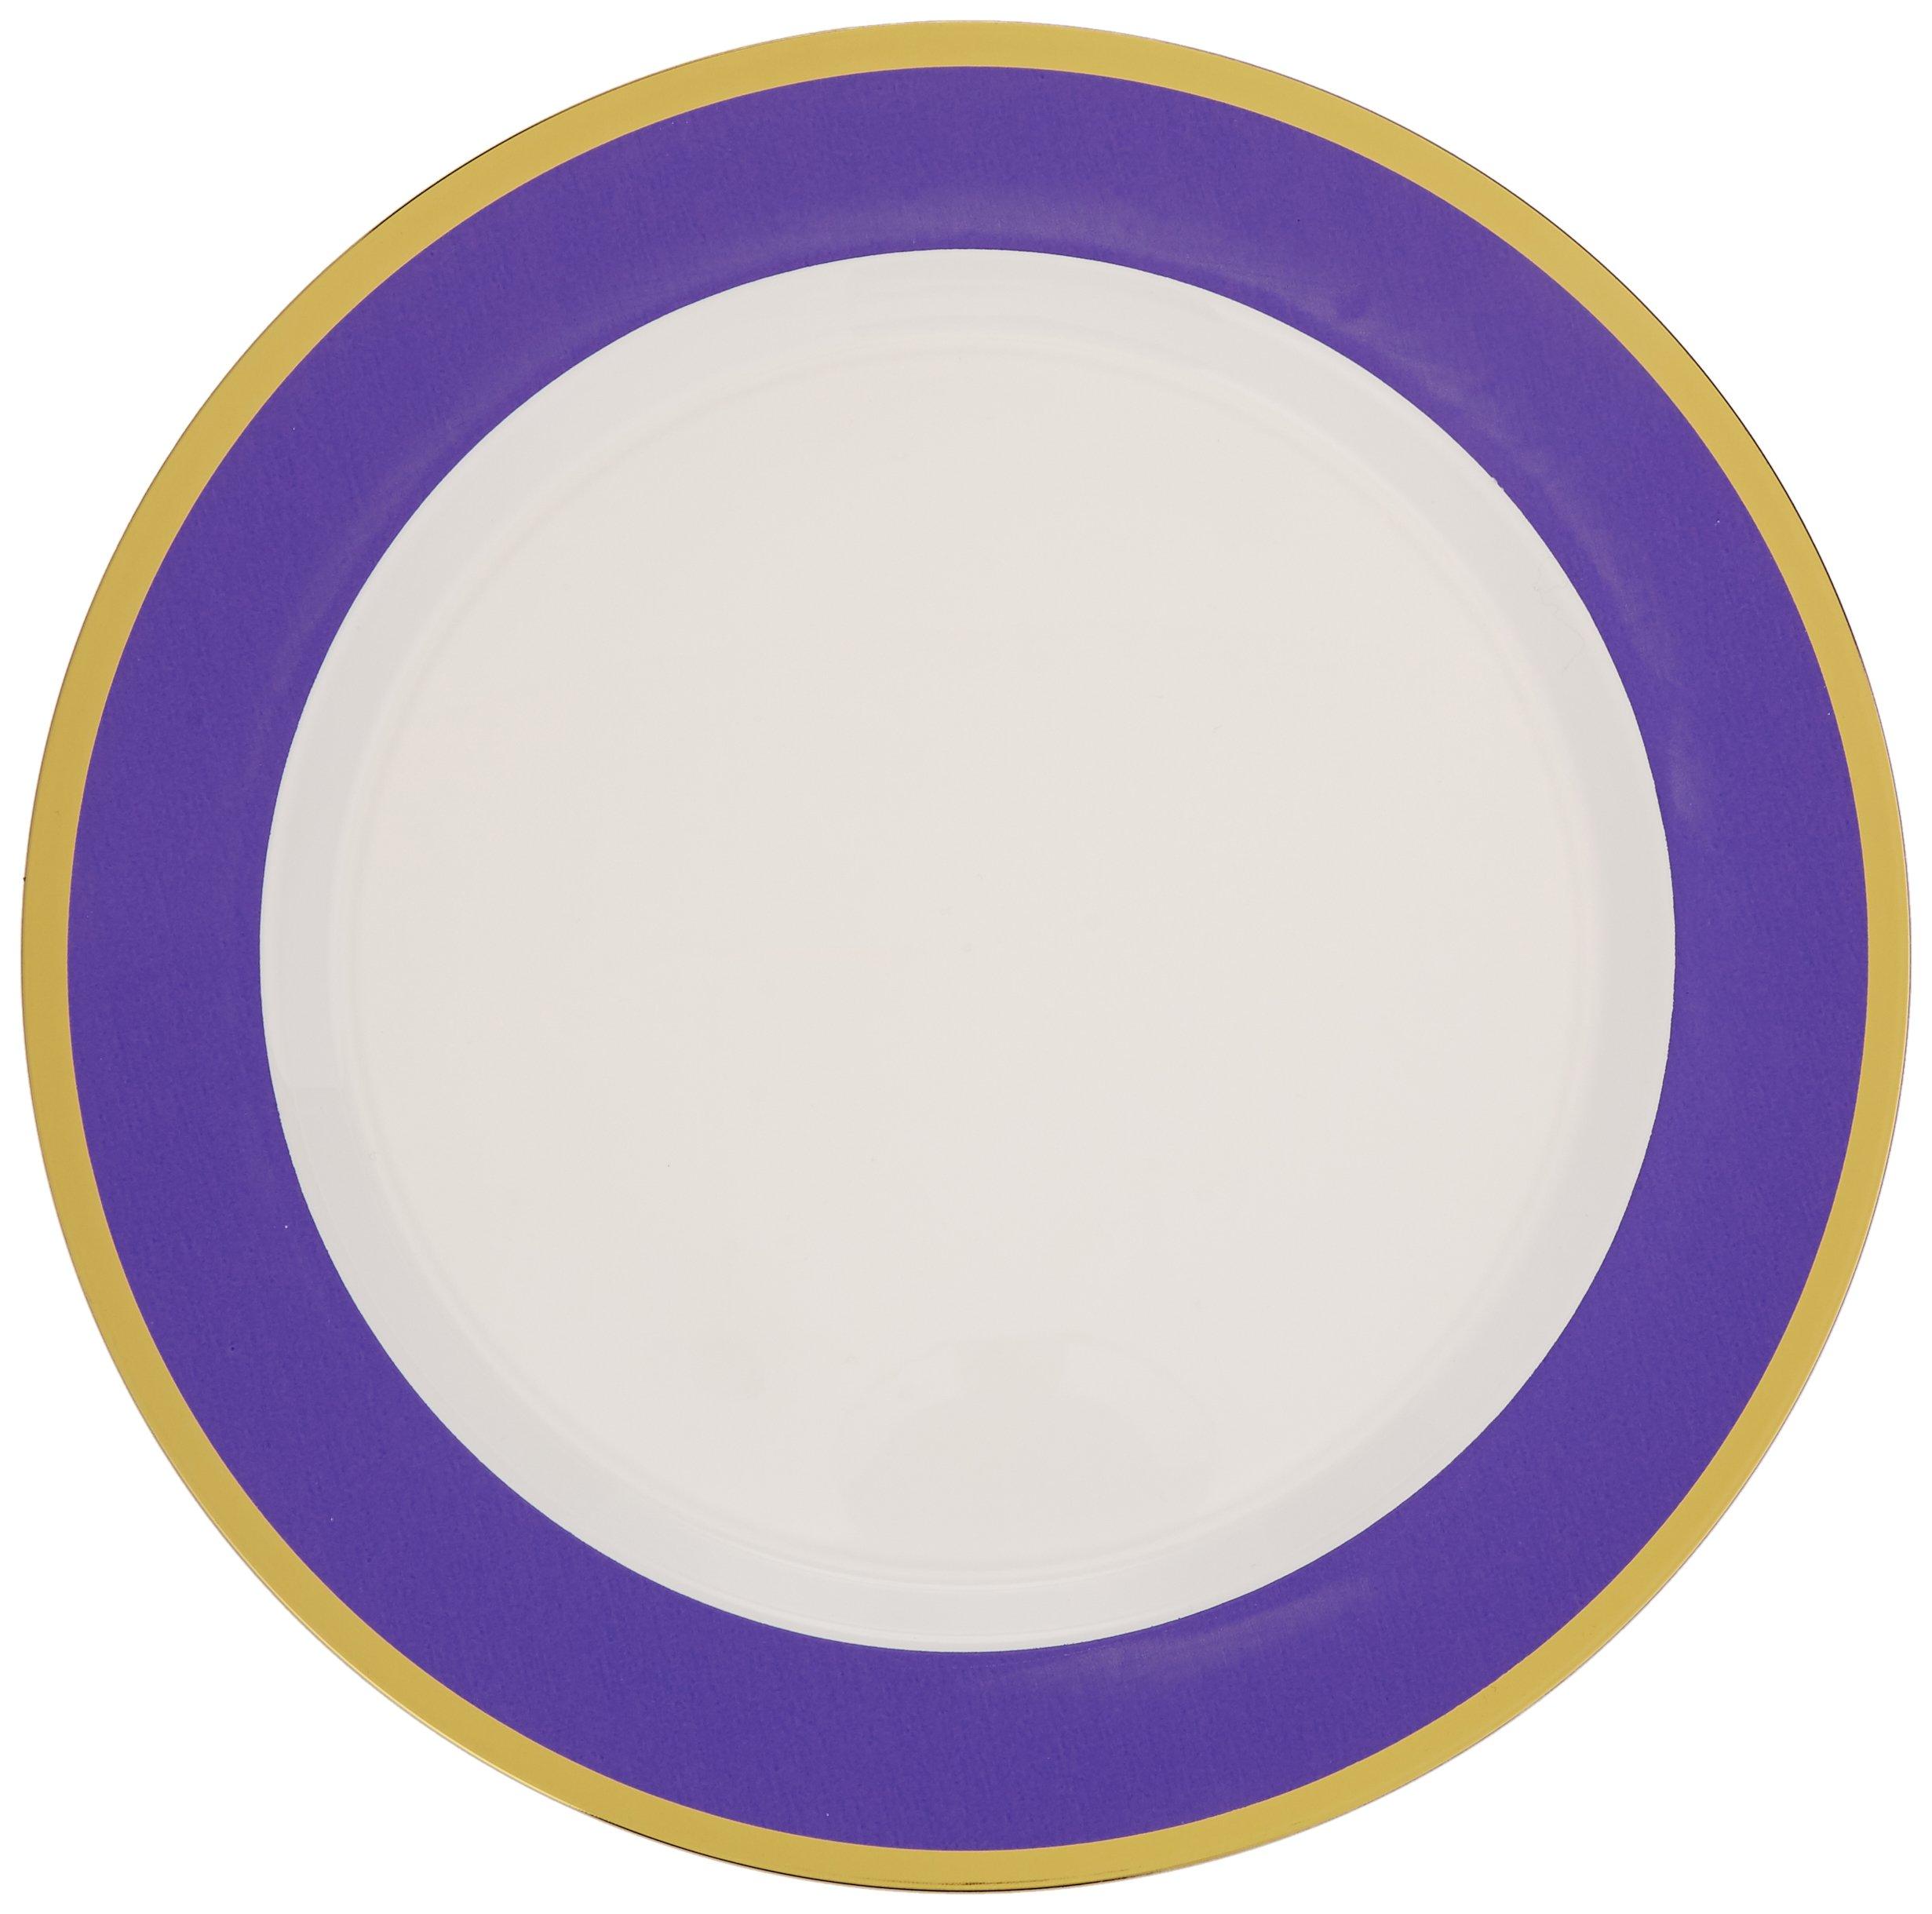 """Amscan Premium 6 Packs Per Case Plastic Round Plates Border (Count), New Purple, 10 1/4"""""""